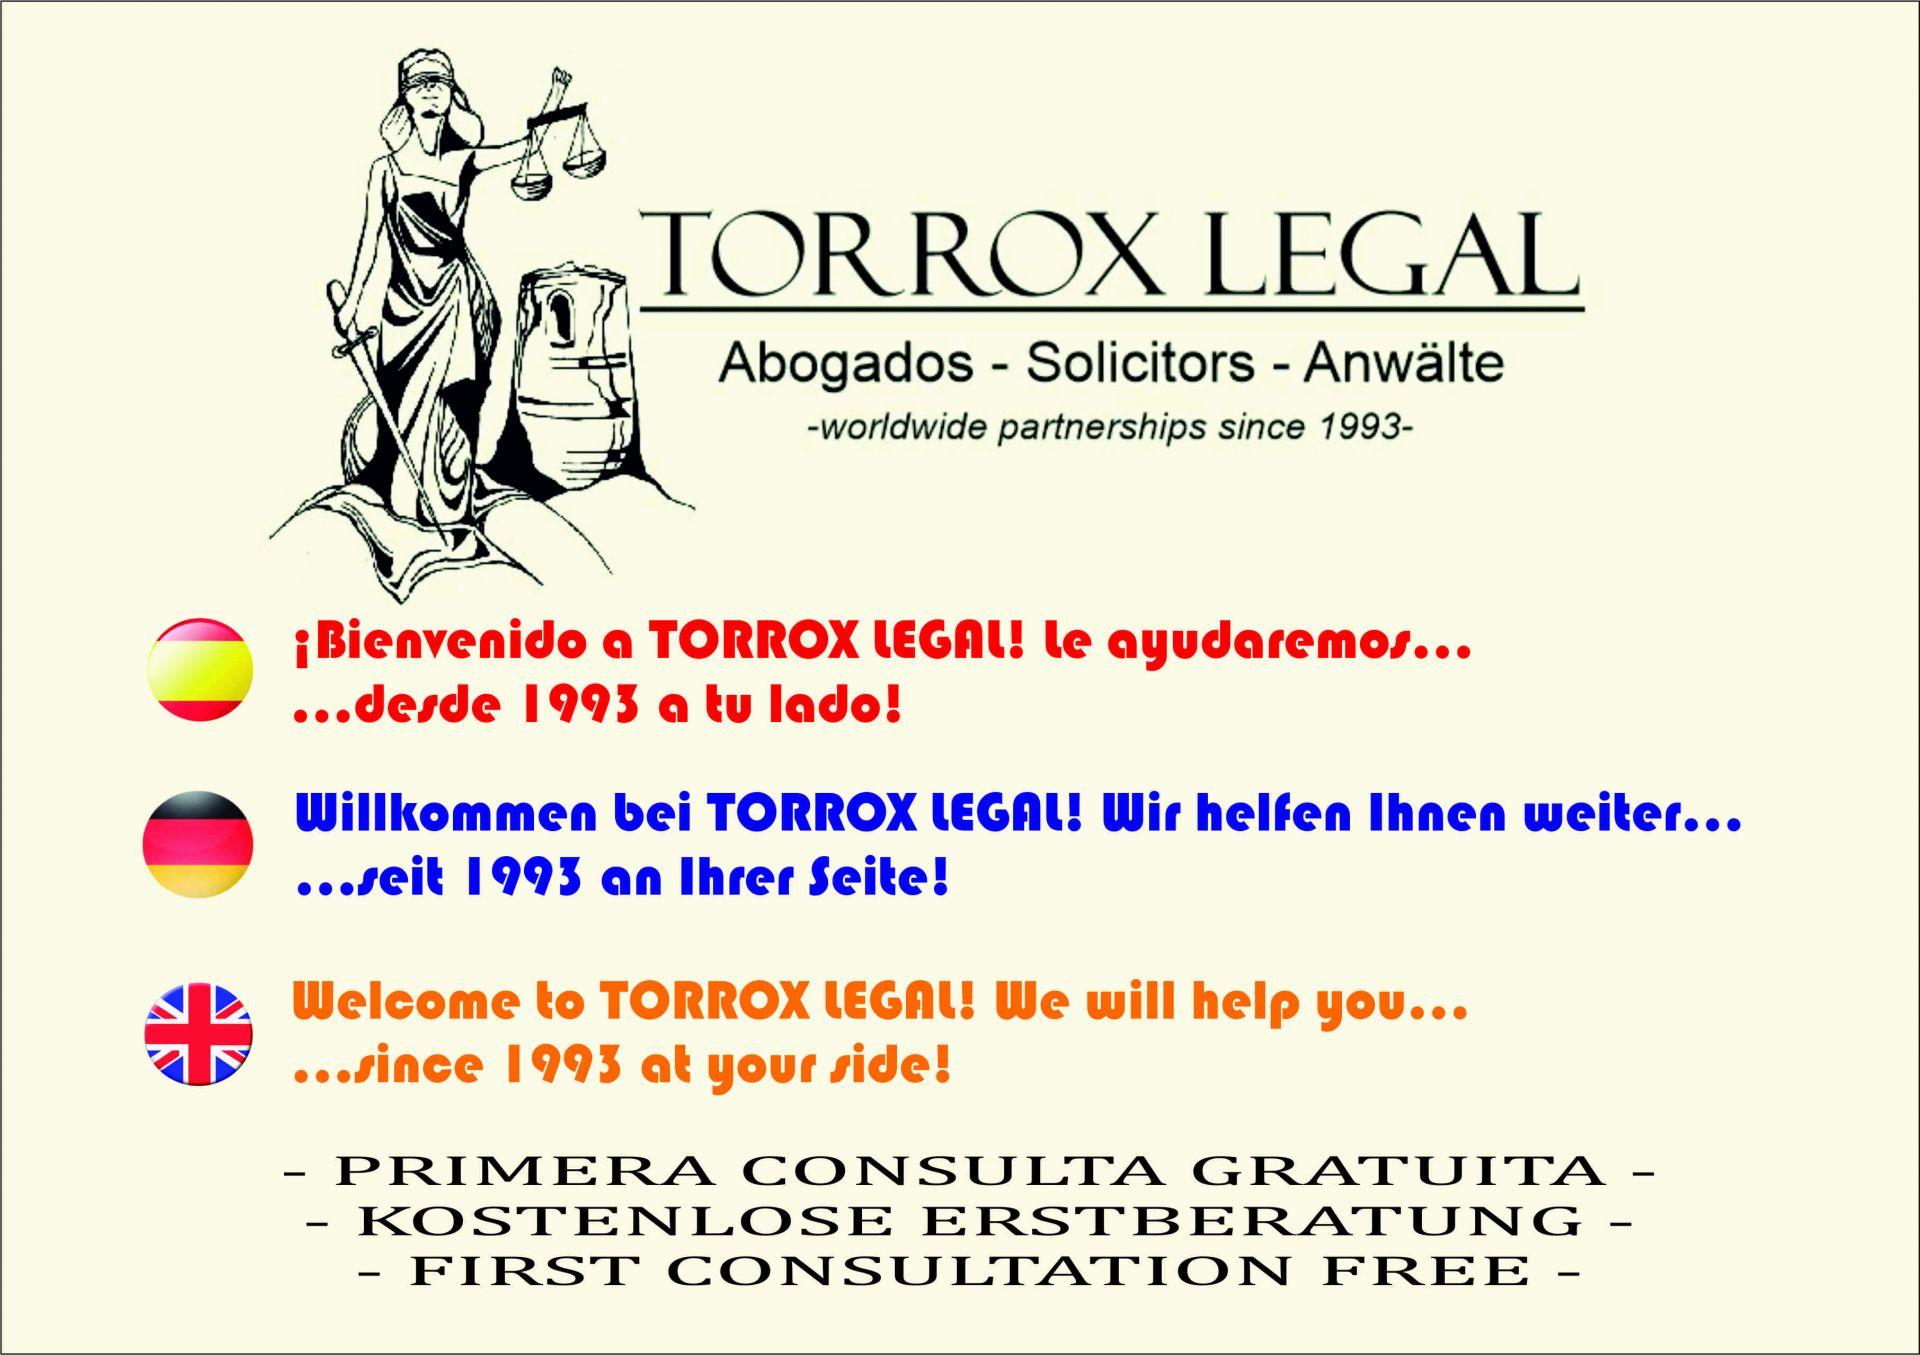 torrox-legal-primera-consulta2.jpg